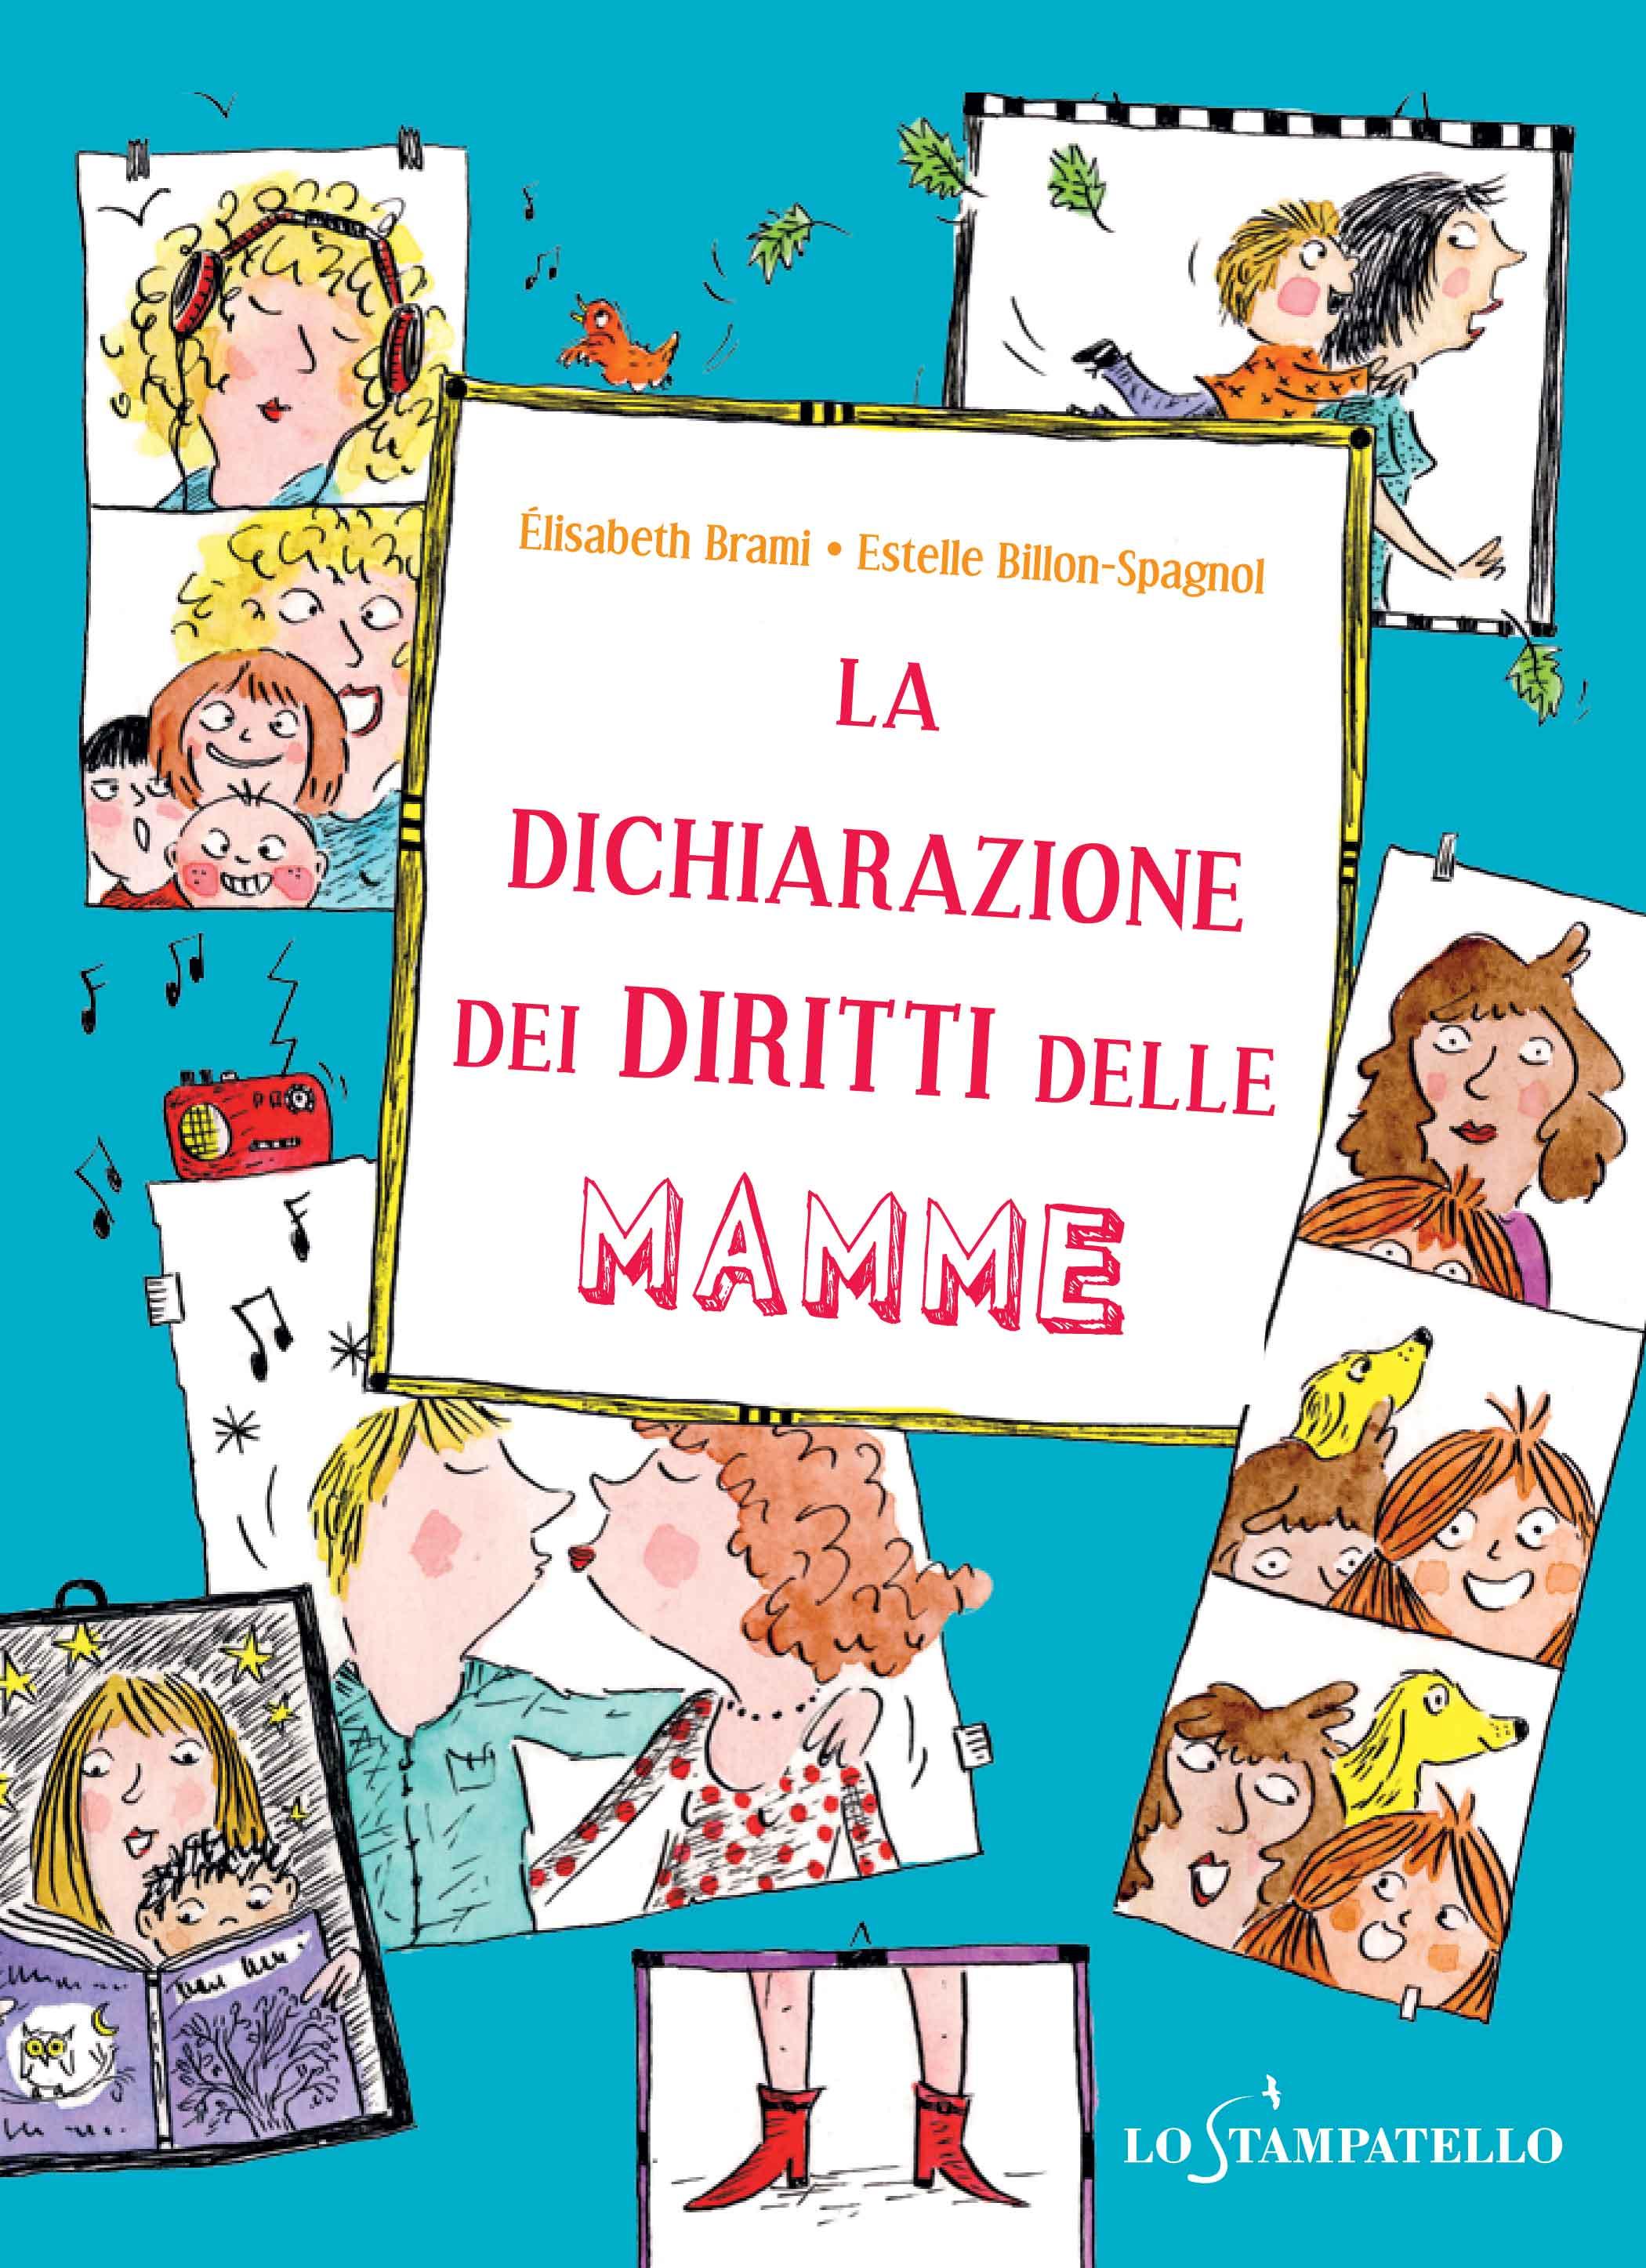 LA DICHIARAZIONE DEI DIRITTI DELLE FEMMINE di Élisabeth Brami - Lo Stampatello